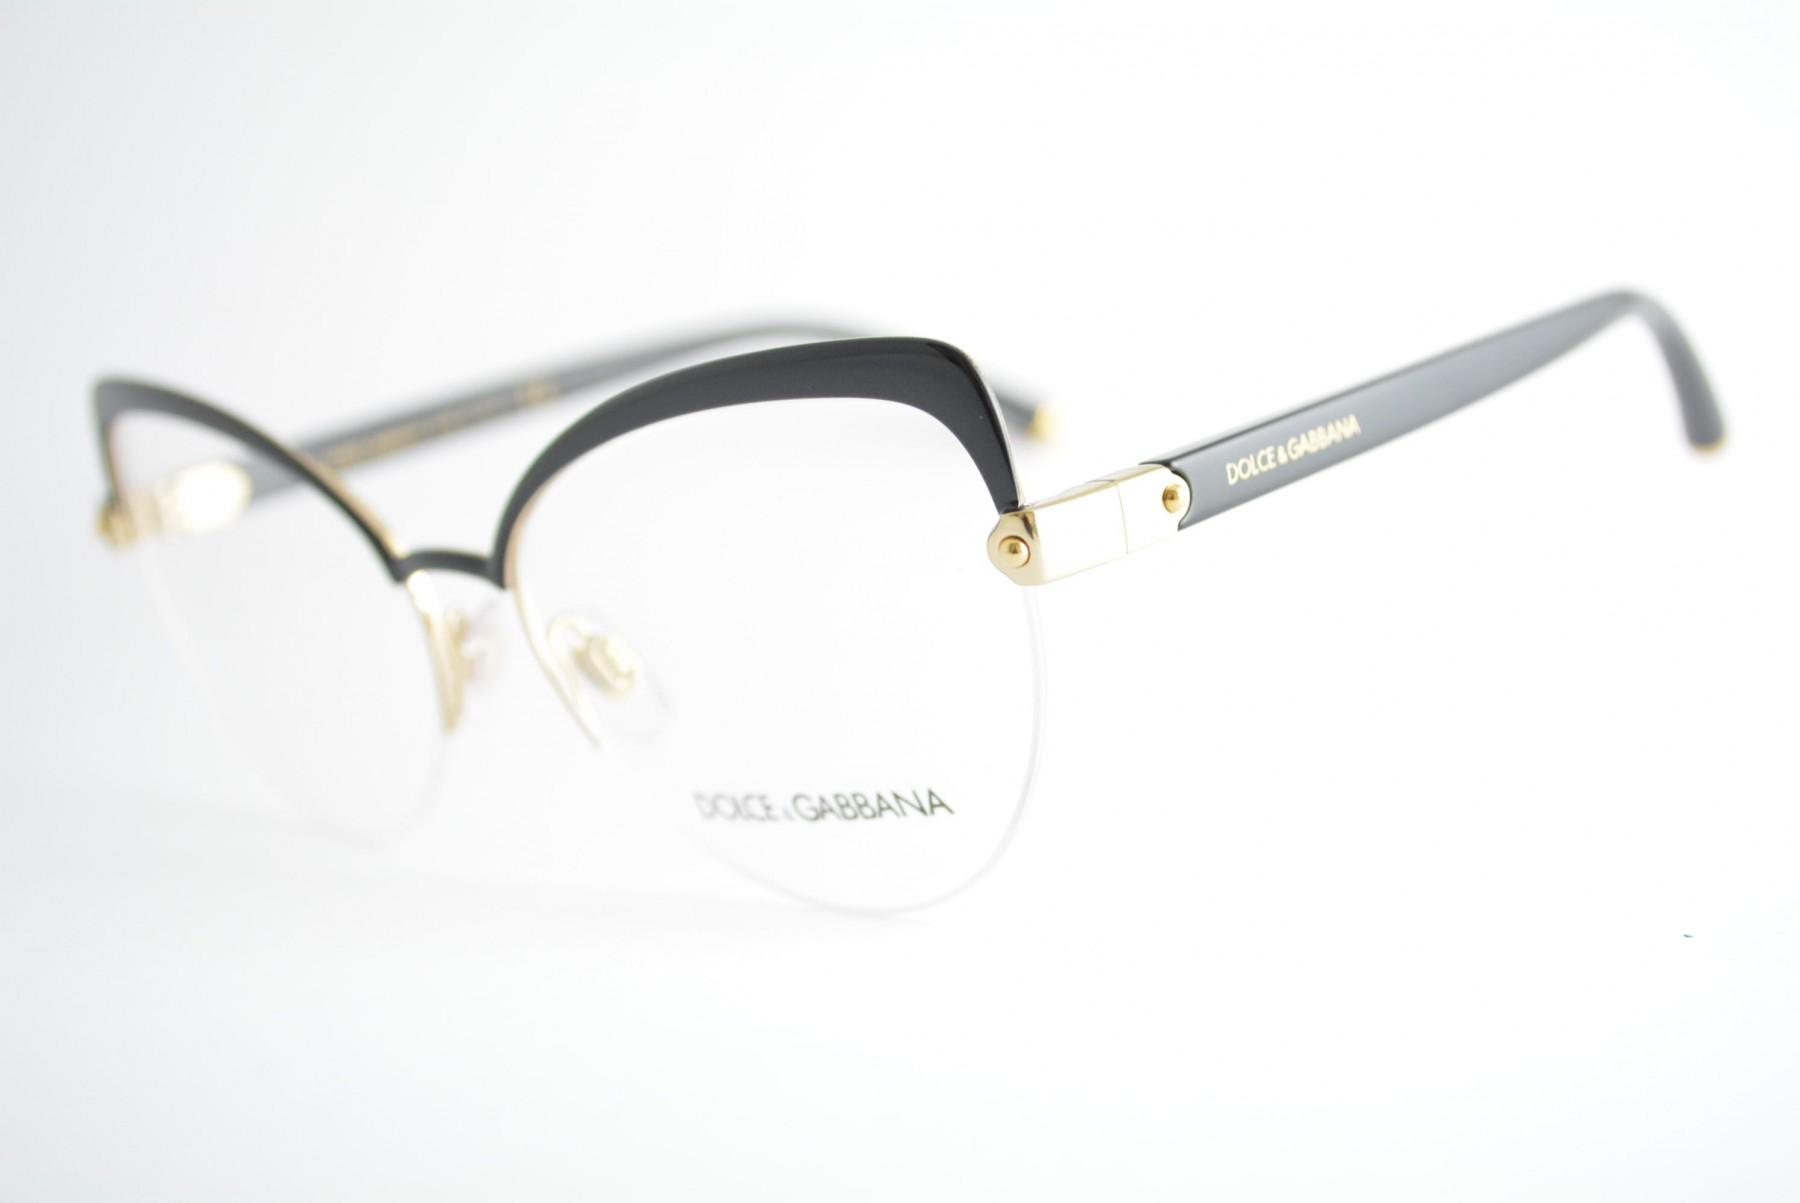 ed62aa3b2 armação de óculos Dolce & Gabbana mod DG1305 01. Código: dg1305 01